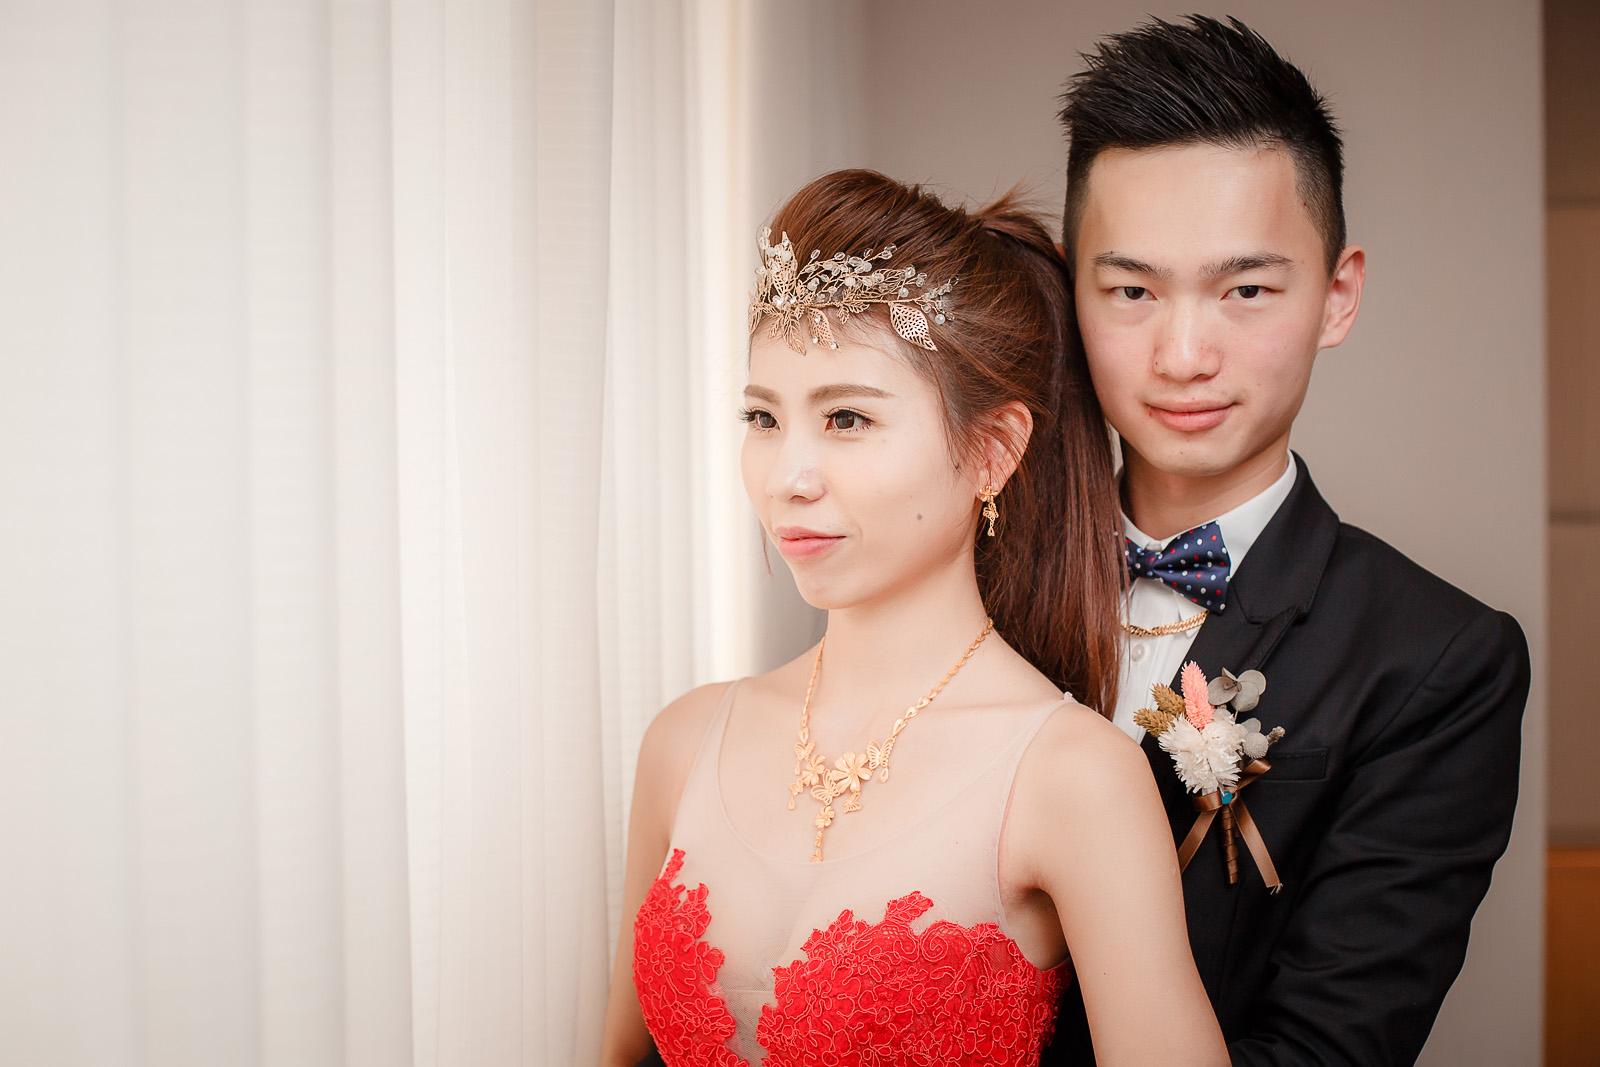 高雄圓山飯店,婚禮攝影,婚攝,高雄婚攝,優質婚攝推薦,Jen&Ethan-065